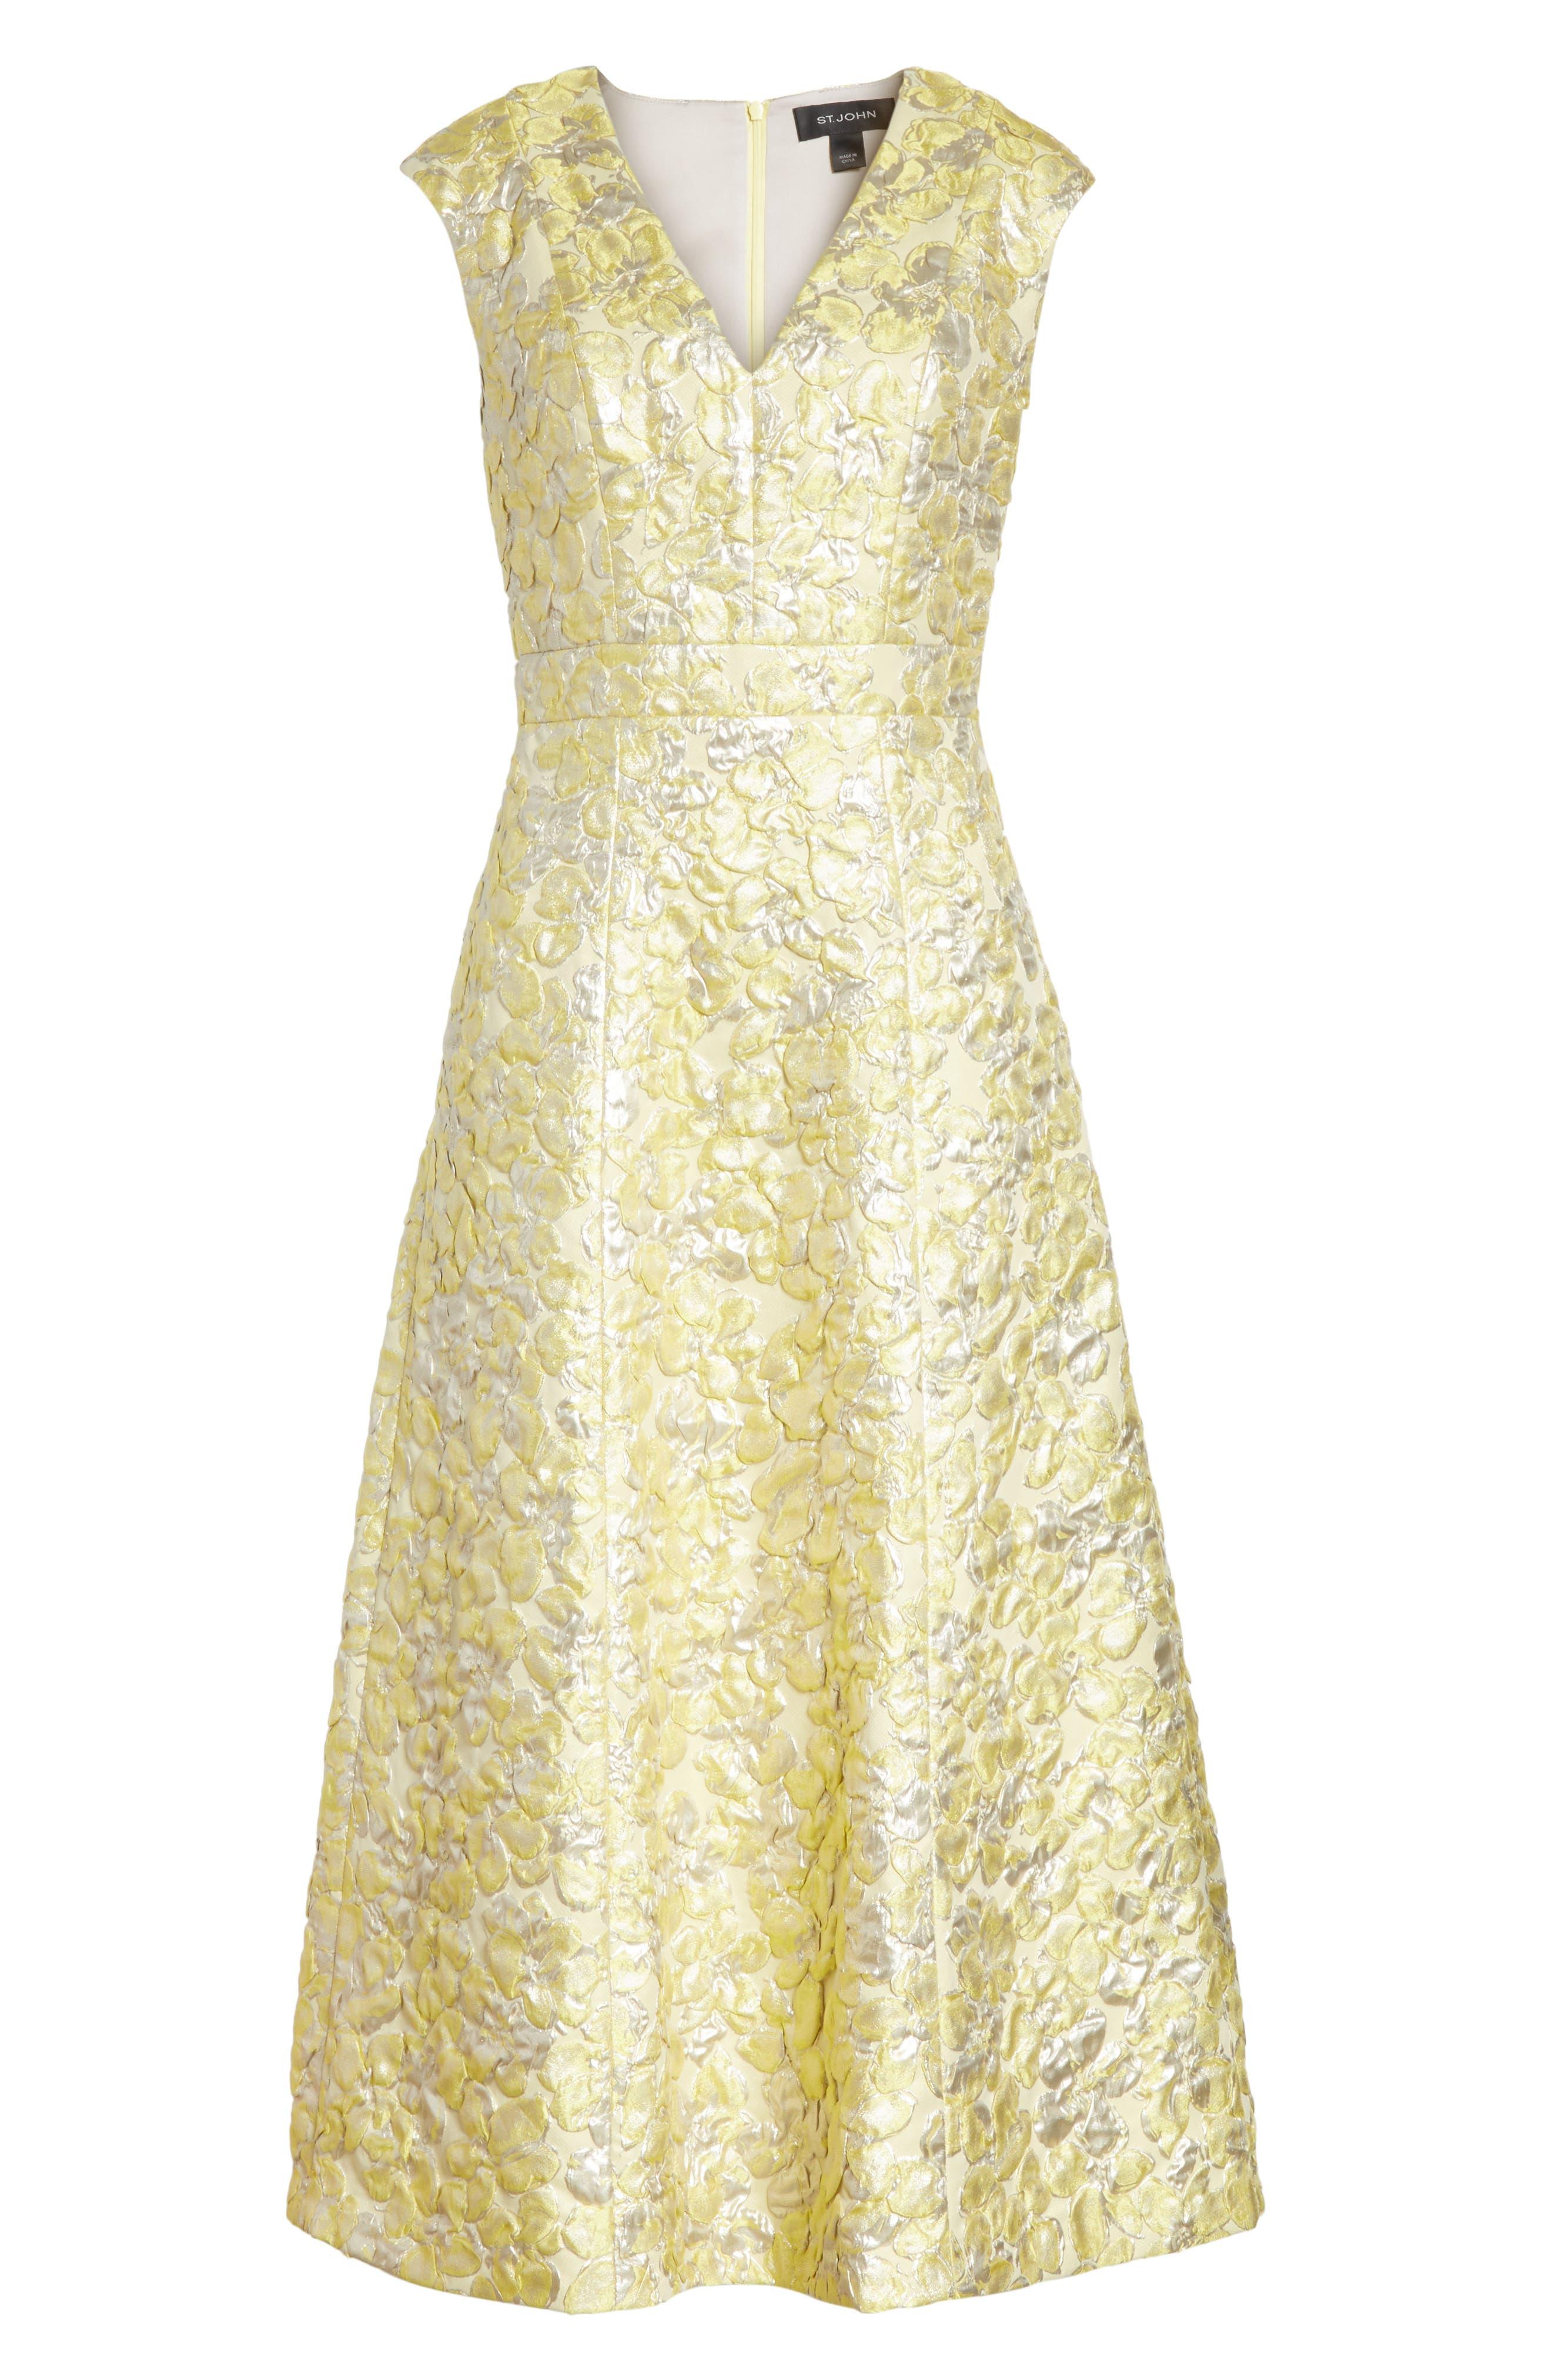 Metallic Floral Jacquard Dress,                             Alternate thumbnail 6, color,                             Lemon Multi